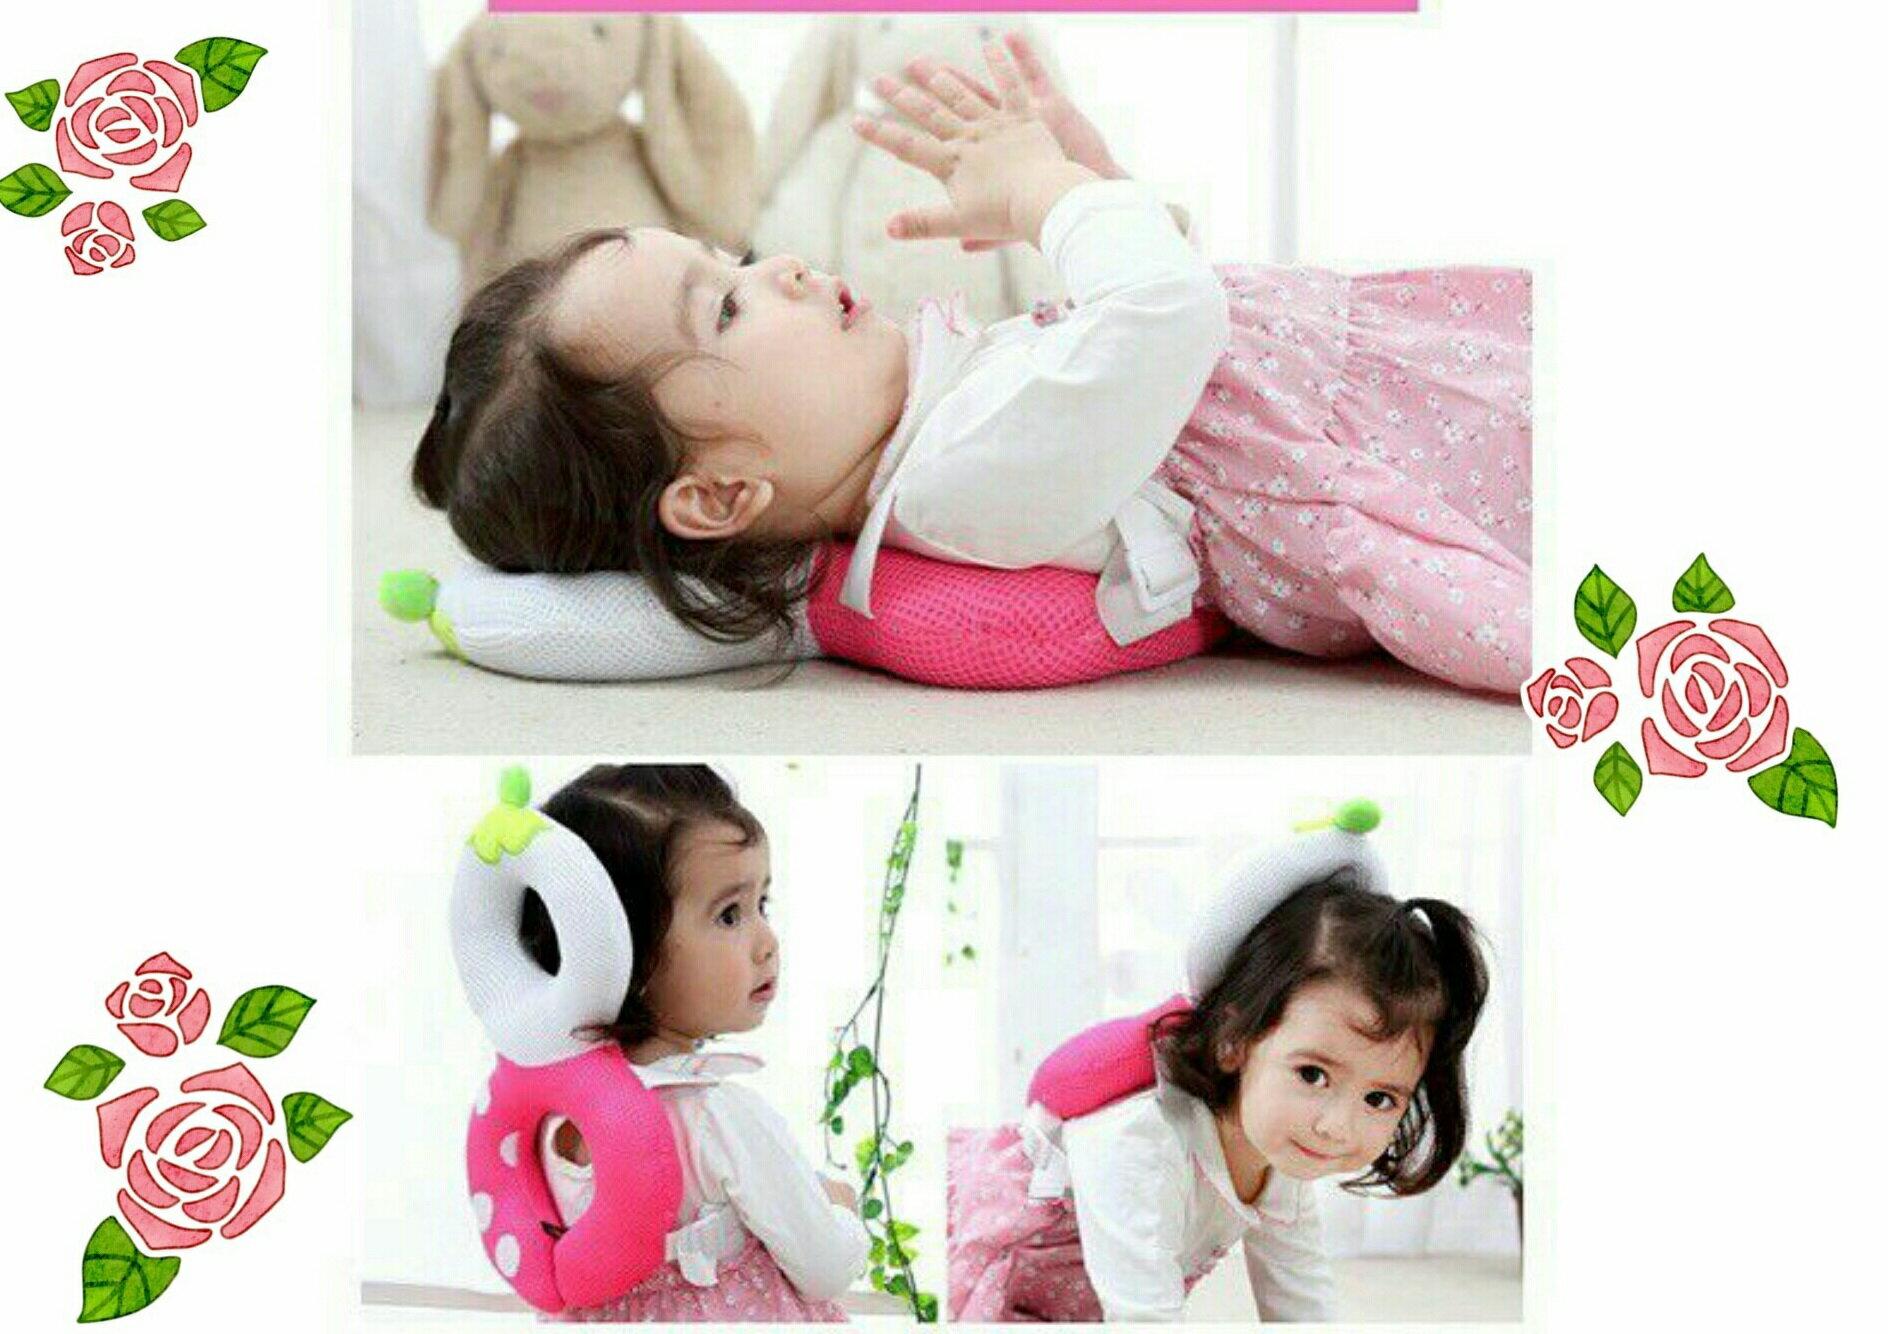 寶寶防摔頭部安全保護墊子嬰兒學步護頭枕兒童頭部防撞壂/透氣背帶安全背帶